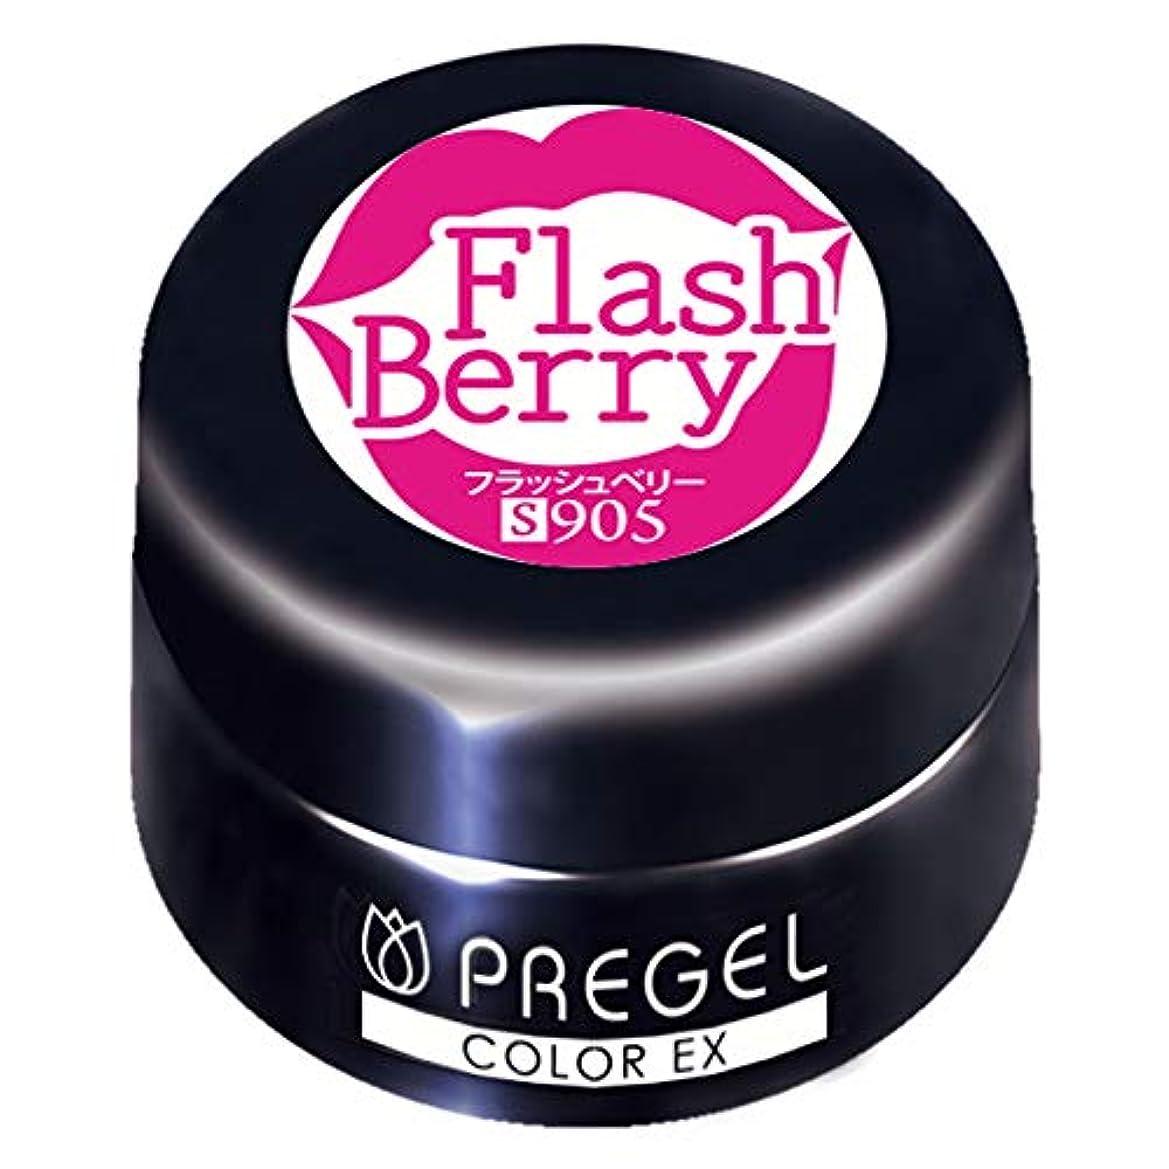 染色行方不明ちなみにPRE GELカラーEX フラッシュベリー 3g PG-CE905